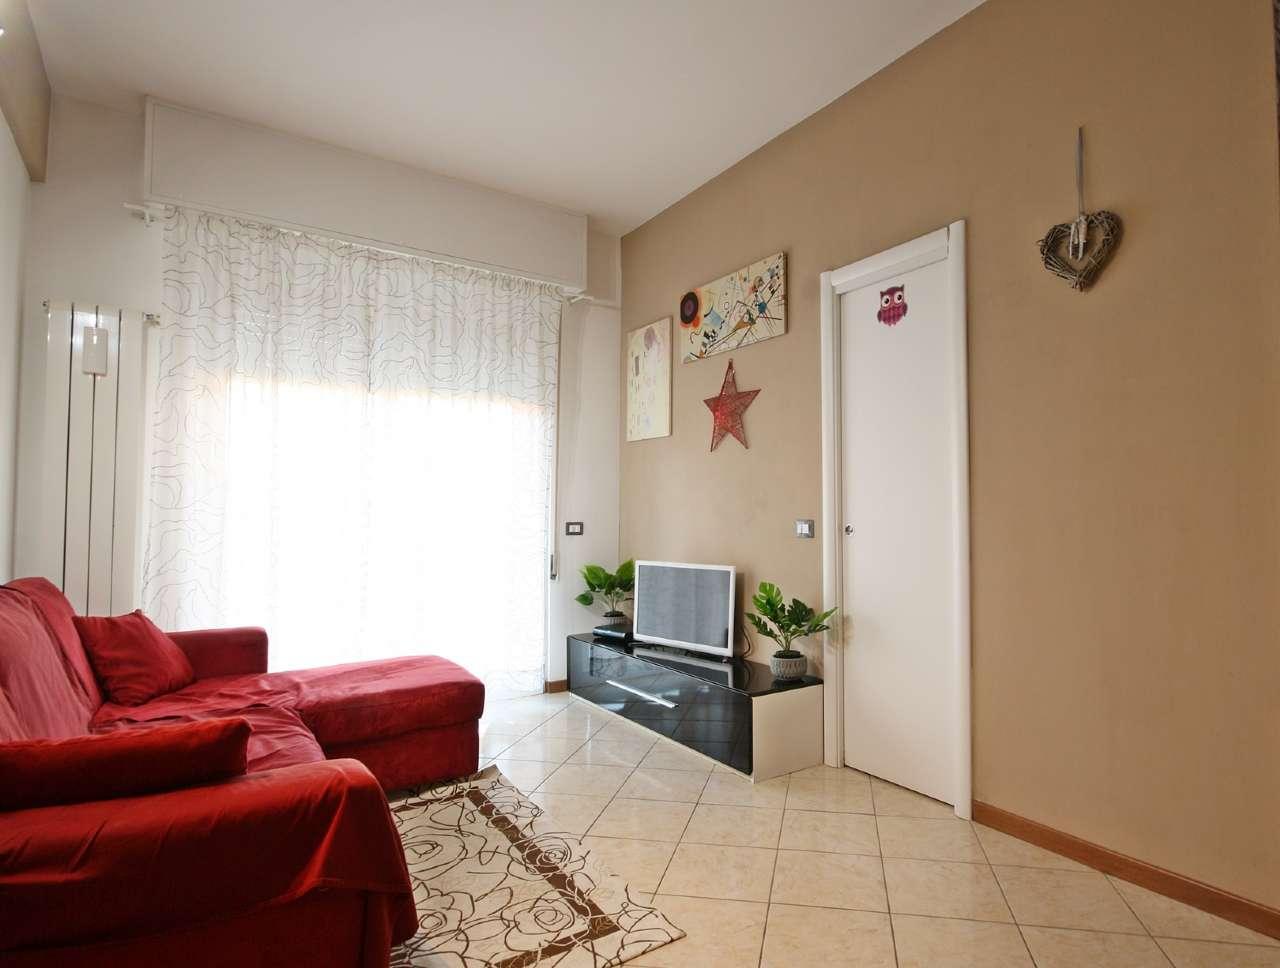 Appartamento in vendita a Chiavari, 3 locali, prezzo € 135.000   CambioCasa.it